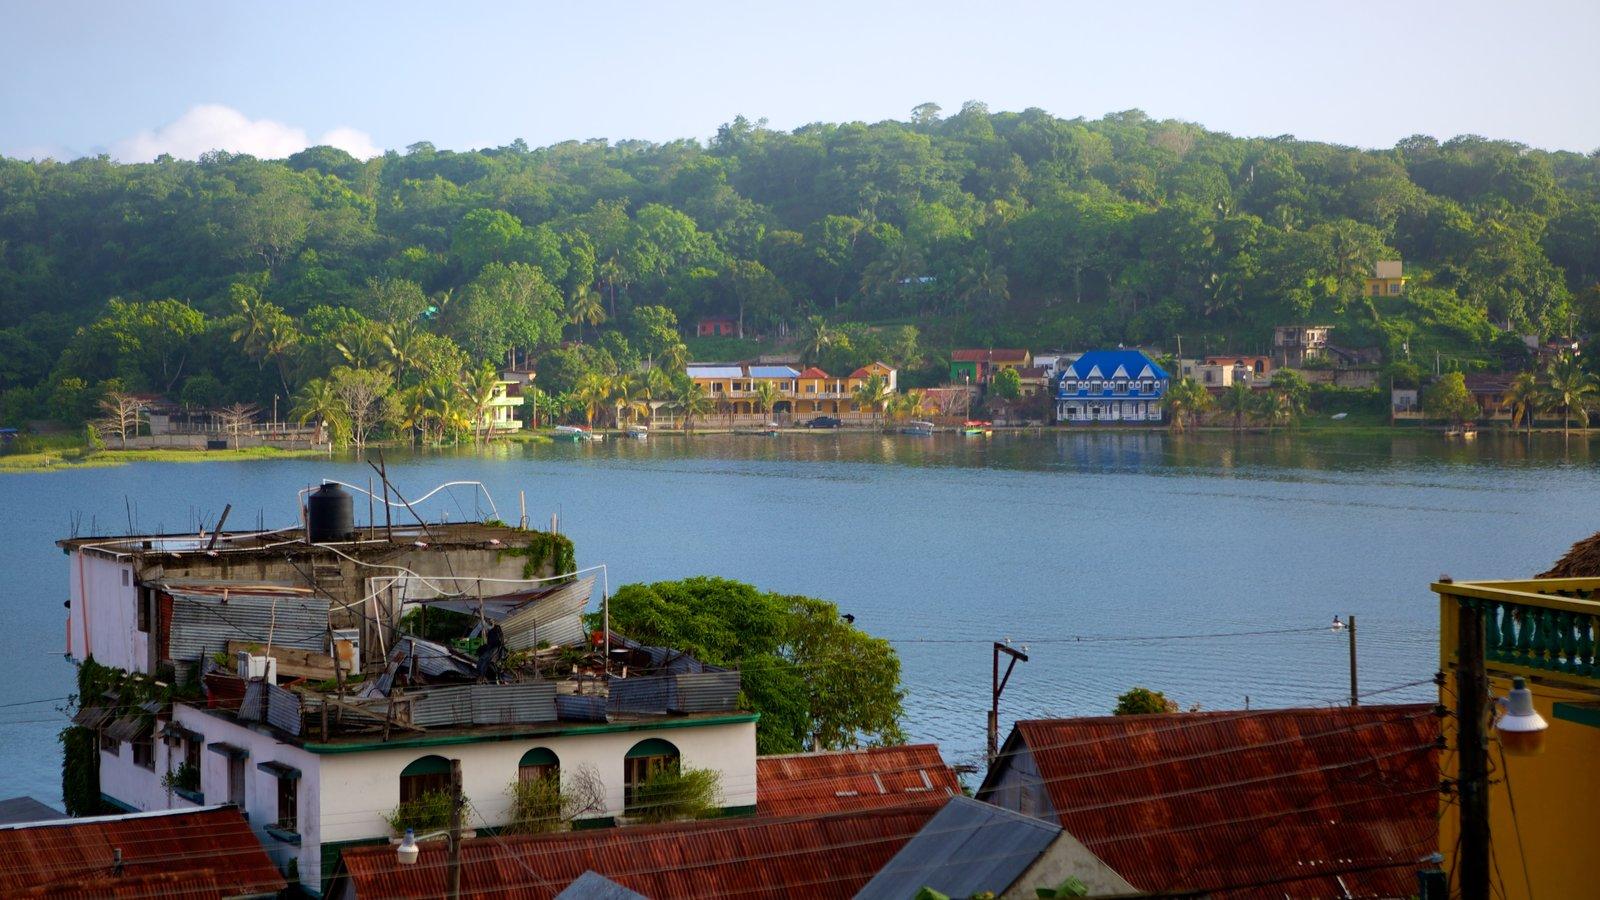 Flores ofreciendo un lago o abrevadero y una ciudad costera